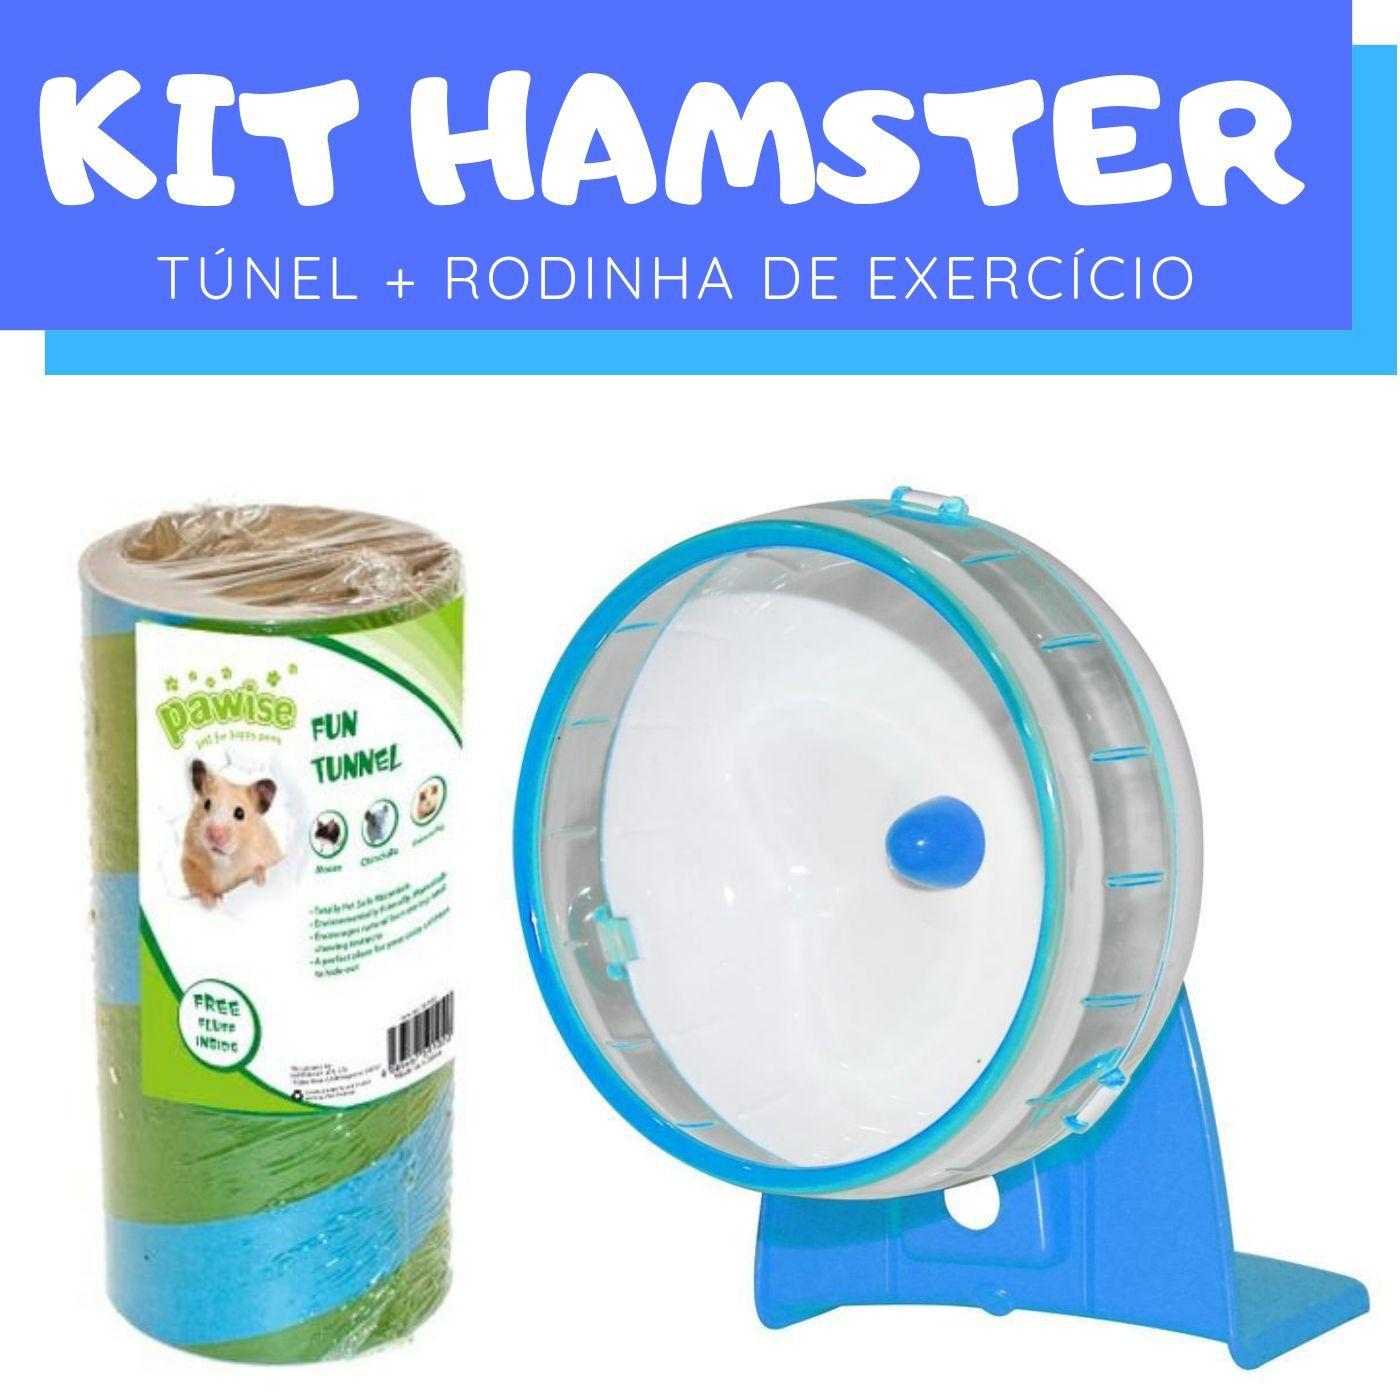 Conjunto para Hamster com Túnel e Roda Exercício Pawise